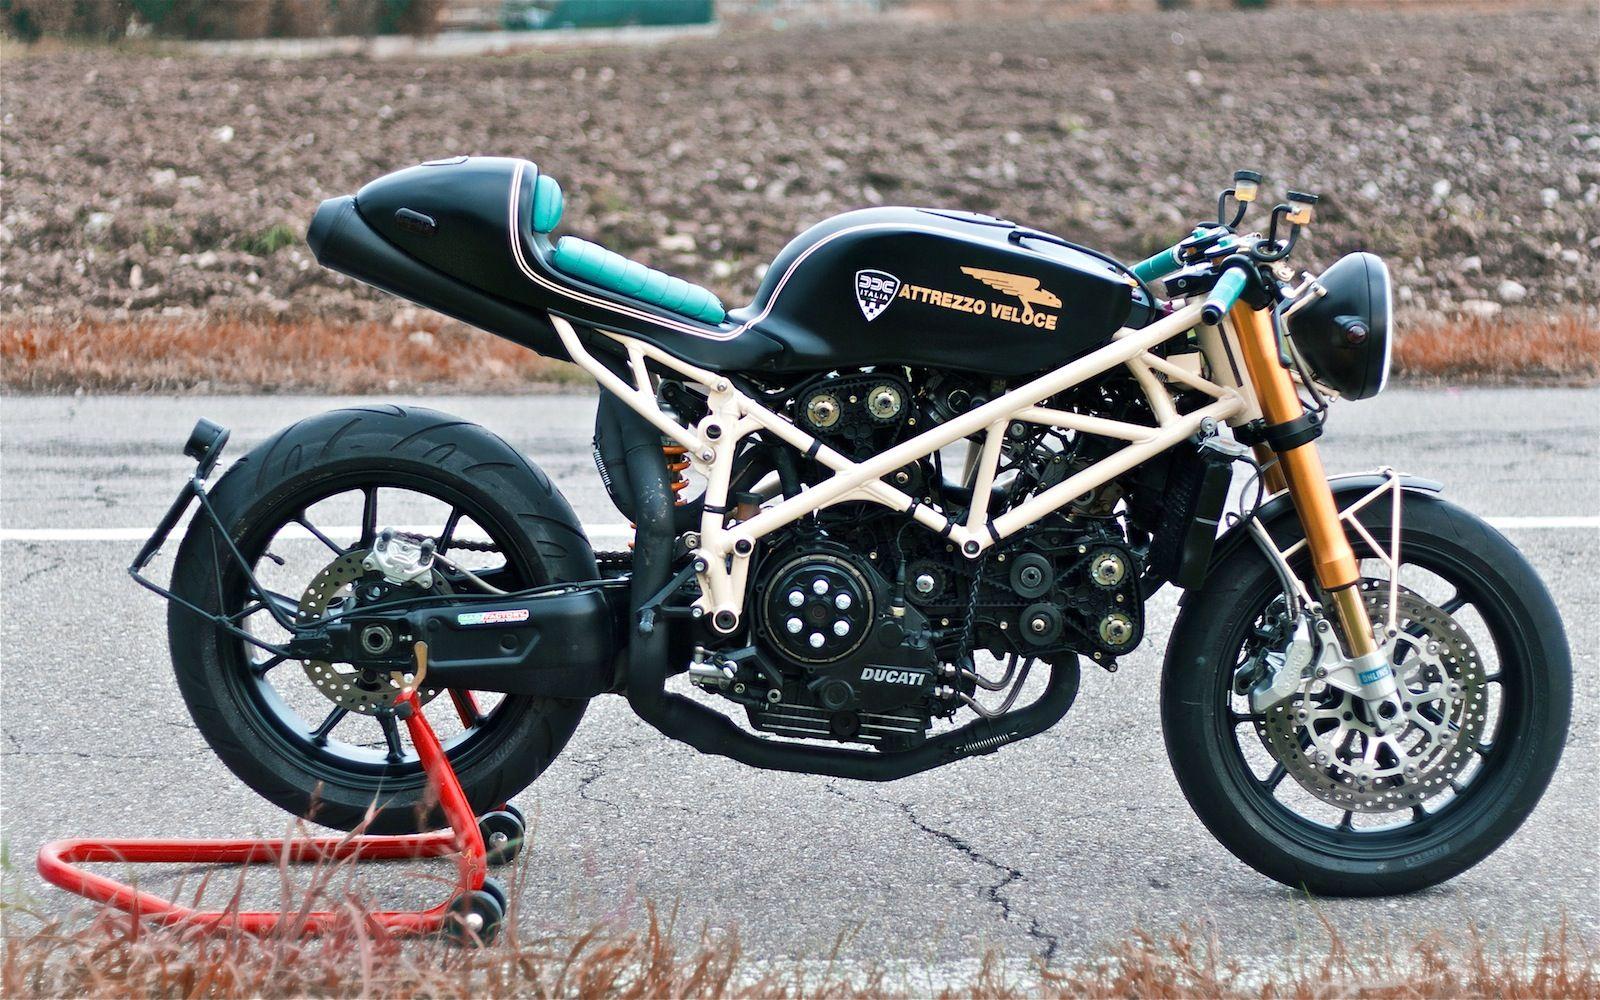 Readers Rides 749 Attrezzo Veloce Inazuma Café Racer Ducati Cafe Racer Ducati Cafe Racer Kits